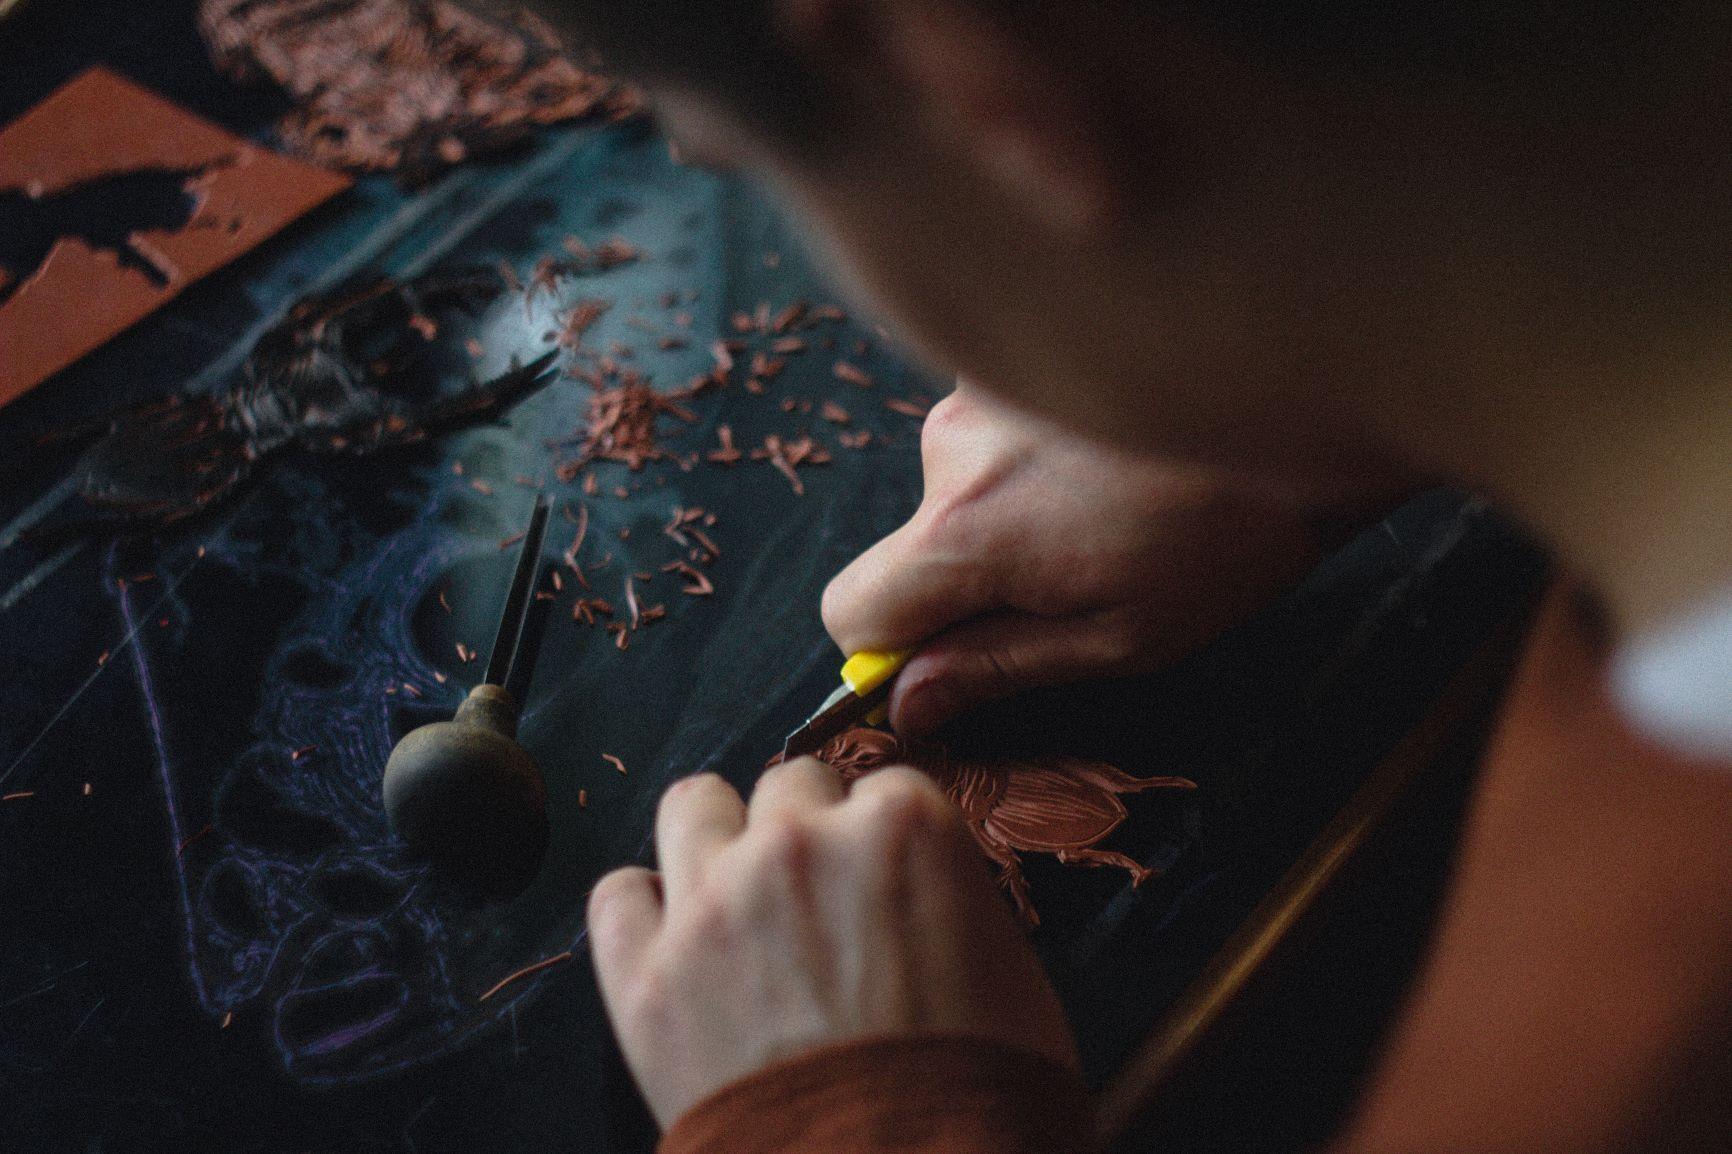 Cuir De Vachette C Est Quoi croûte de cuir c'est quoi ? définition